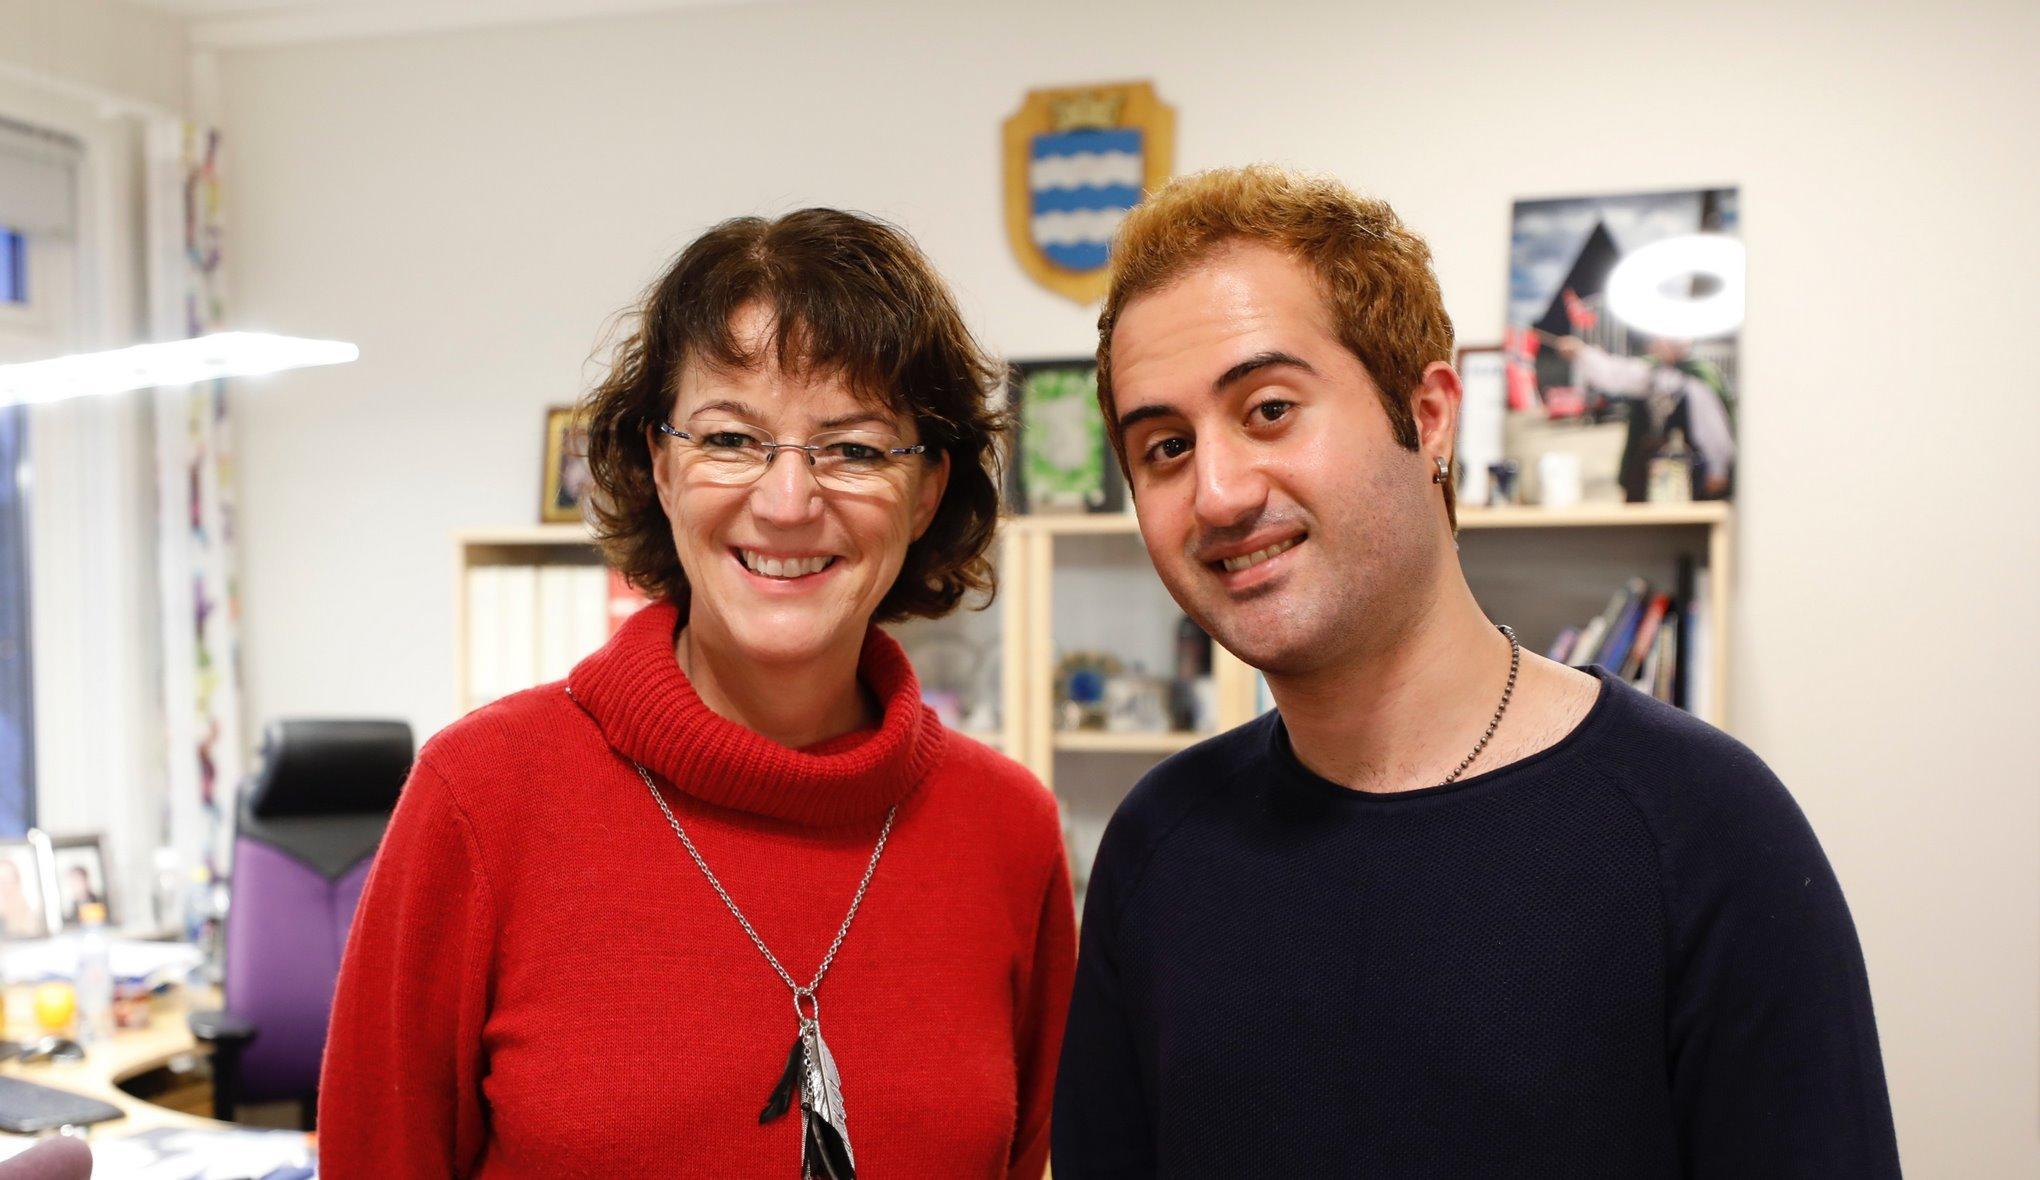 Ordfører Marianne Bremnes og fribymusiker Nikan Khosravi. Foto: Øivind Arvola